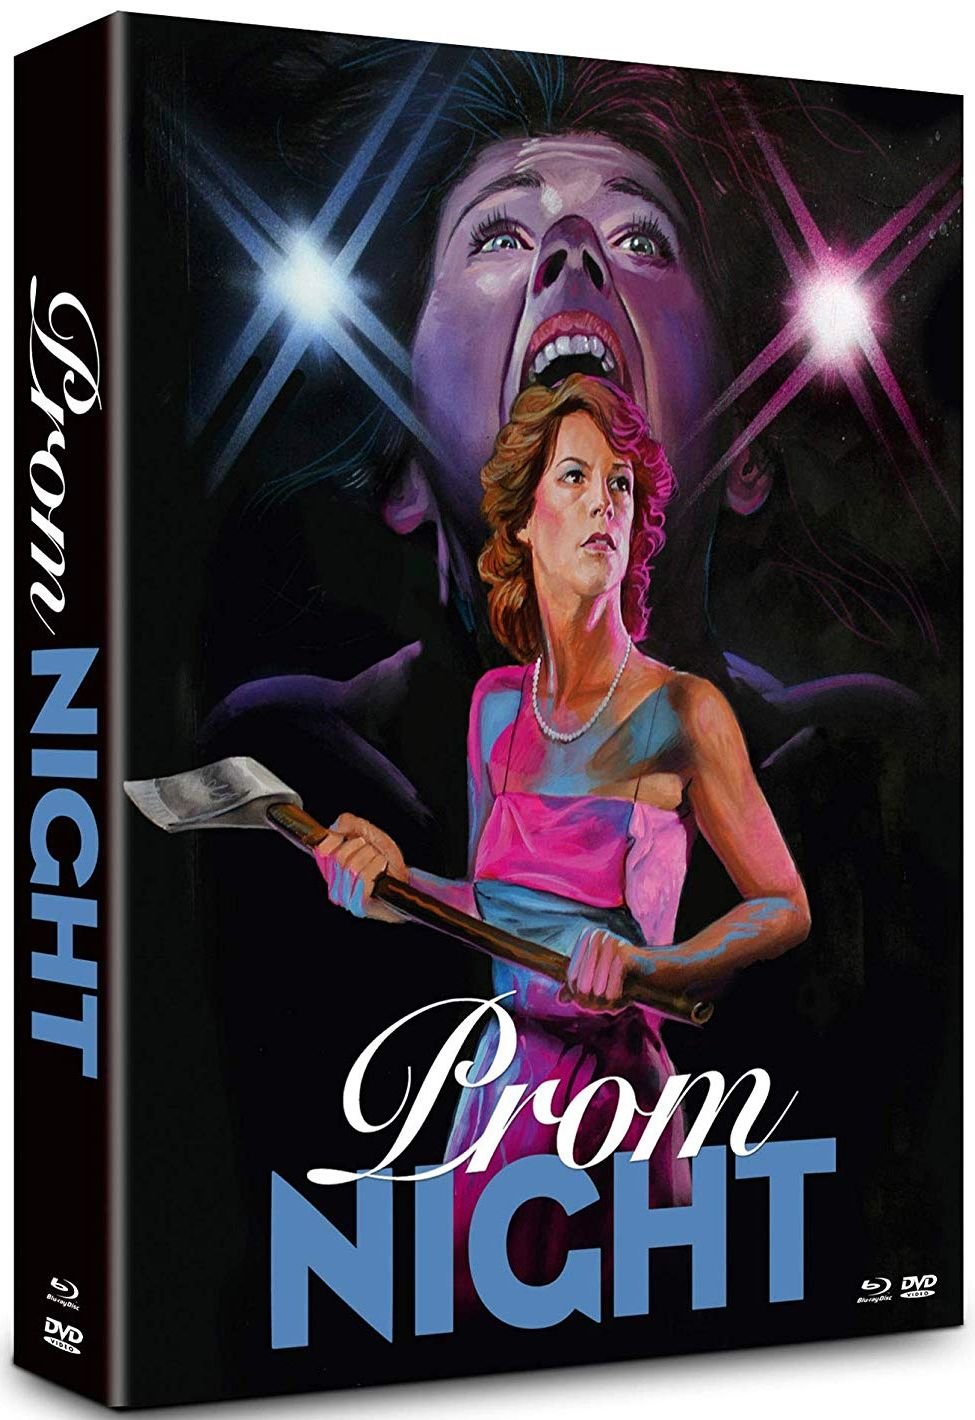 Prom Night - Die Nacht des Schlächters (1980) (Lim. Uncut Mediabook) (2 DVD + BLURAY)